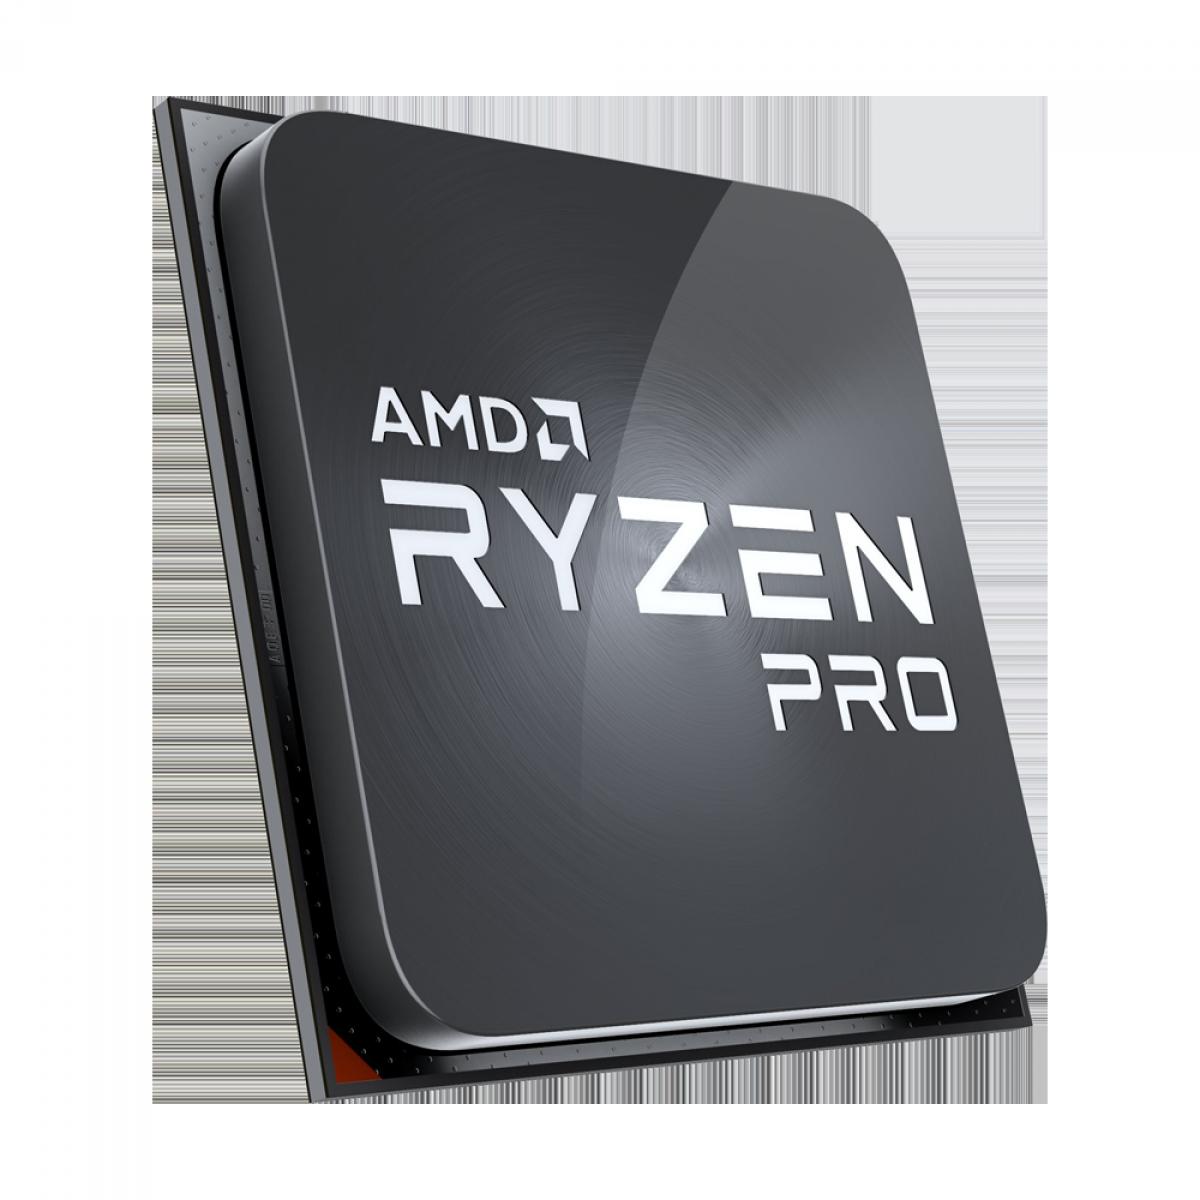 Processador AMD Ryzen 5 PRO 2400GE 3.2GHz (3.8GHz Turbo), 4-Cores 8-Threads, AM4, Sem Cooler, Sem Caixa